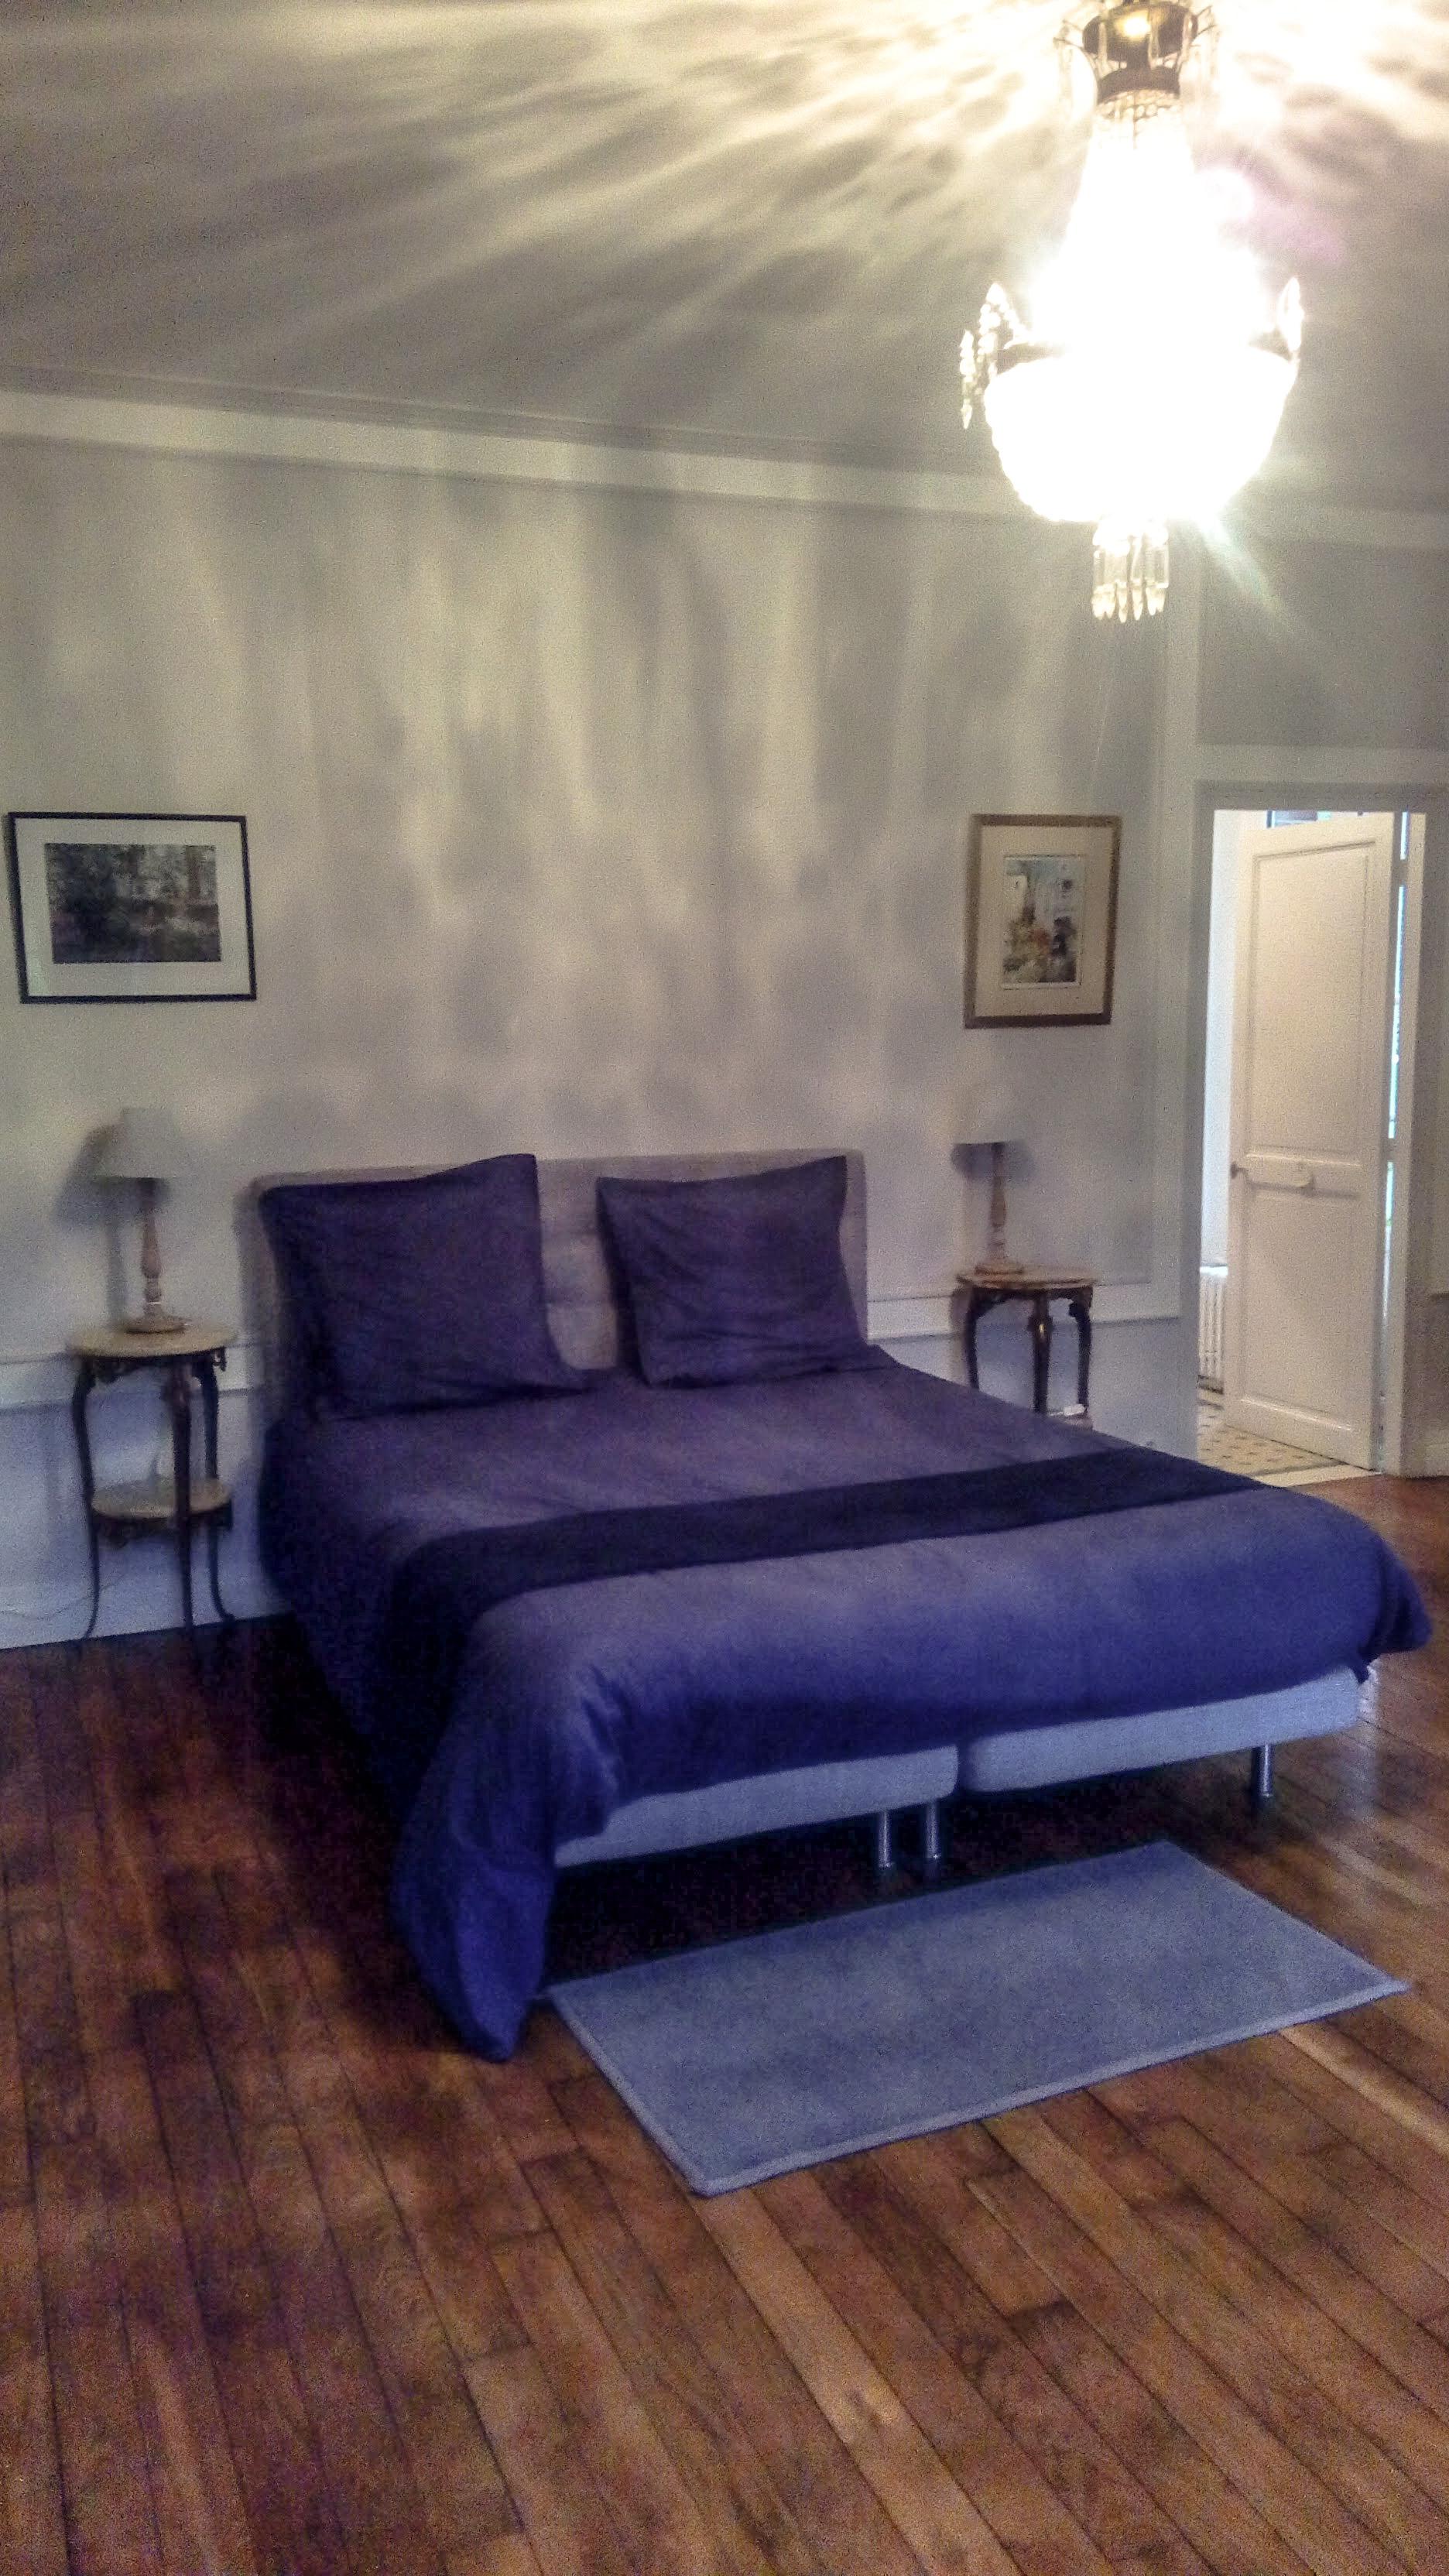 Image d'un lit dans la hambre du château de la Boubelle